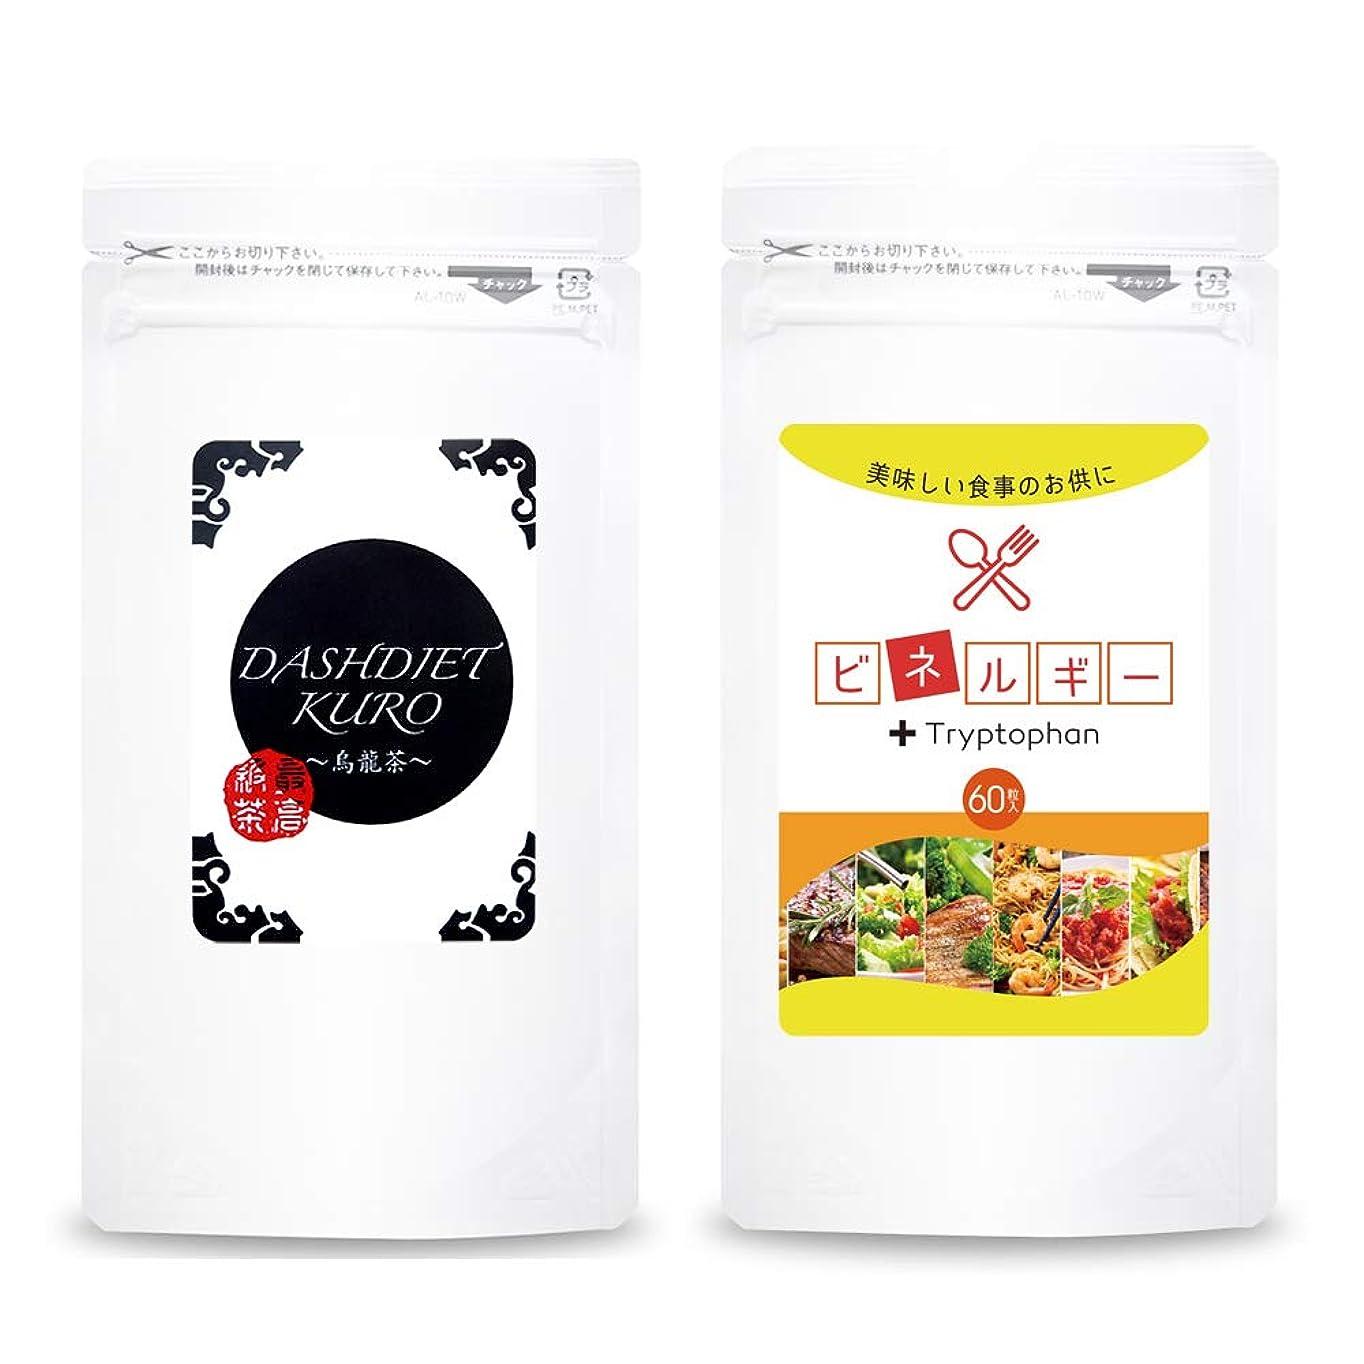 弁護士後退する取るビネルギー & DASHDIET-KURO烏龍茶 燃焼系 サプリメントセット 寝ている間に ダイエット